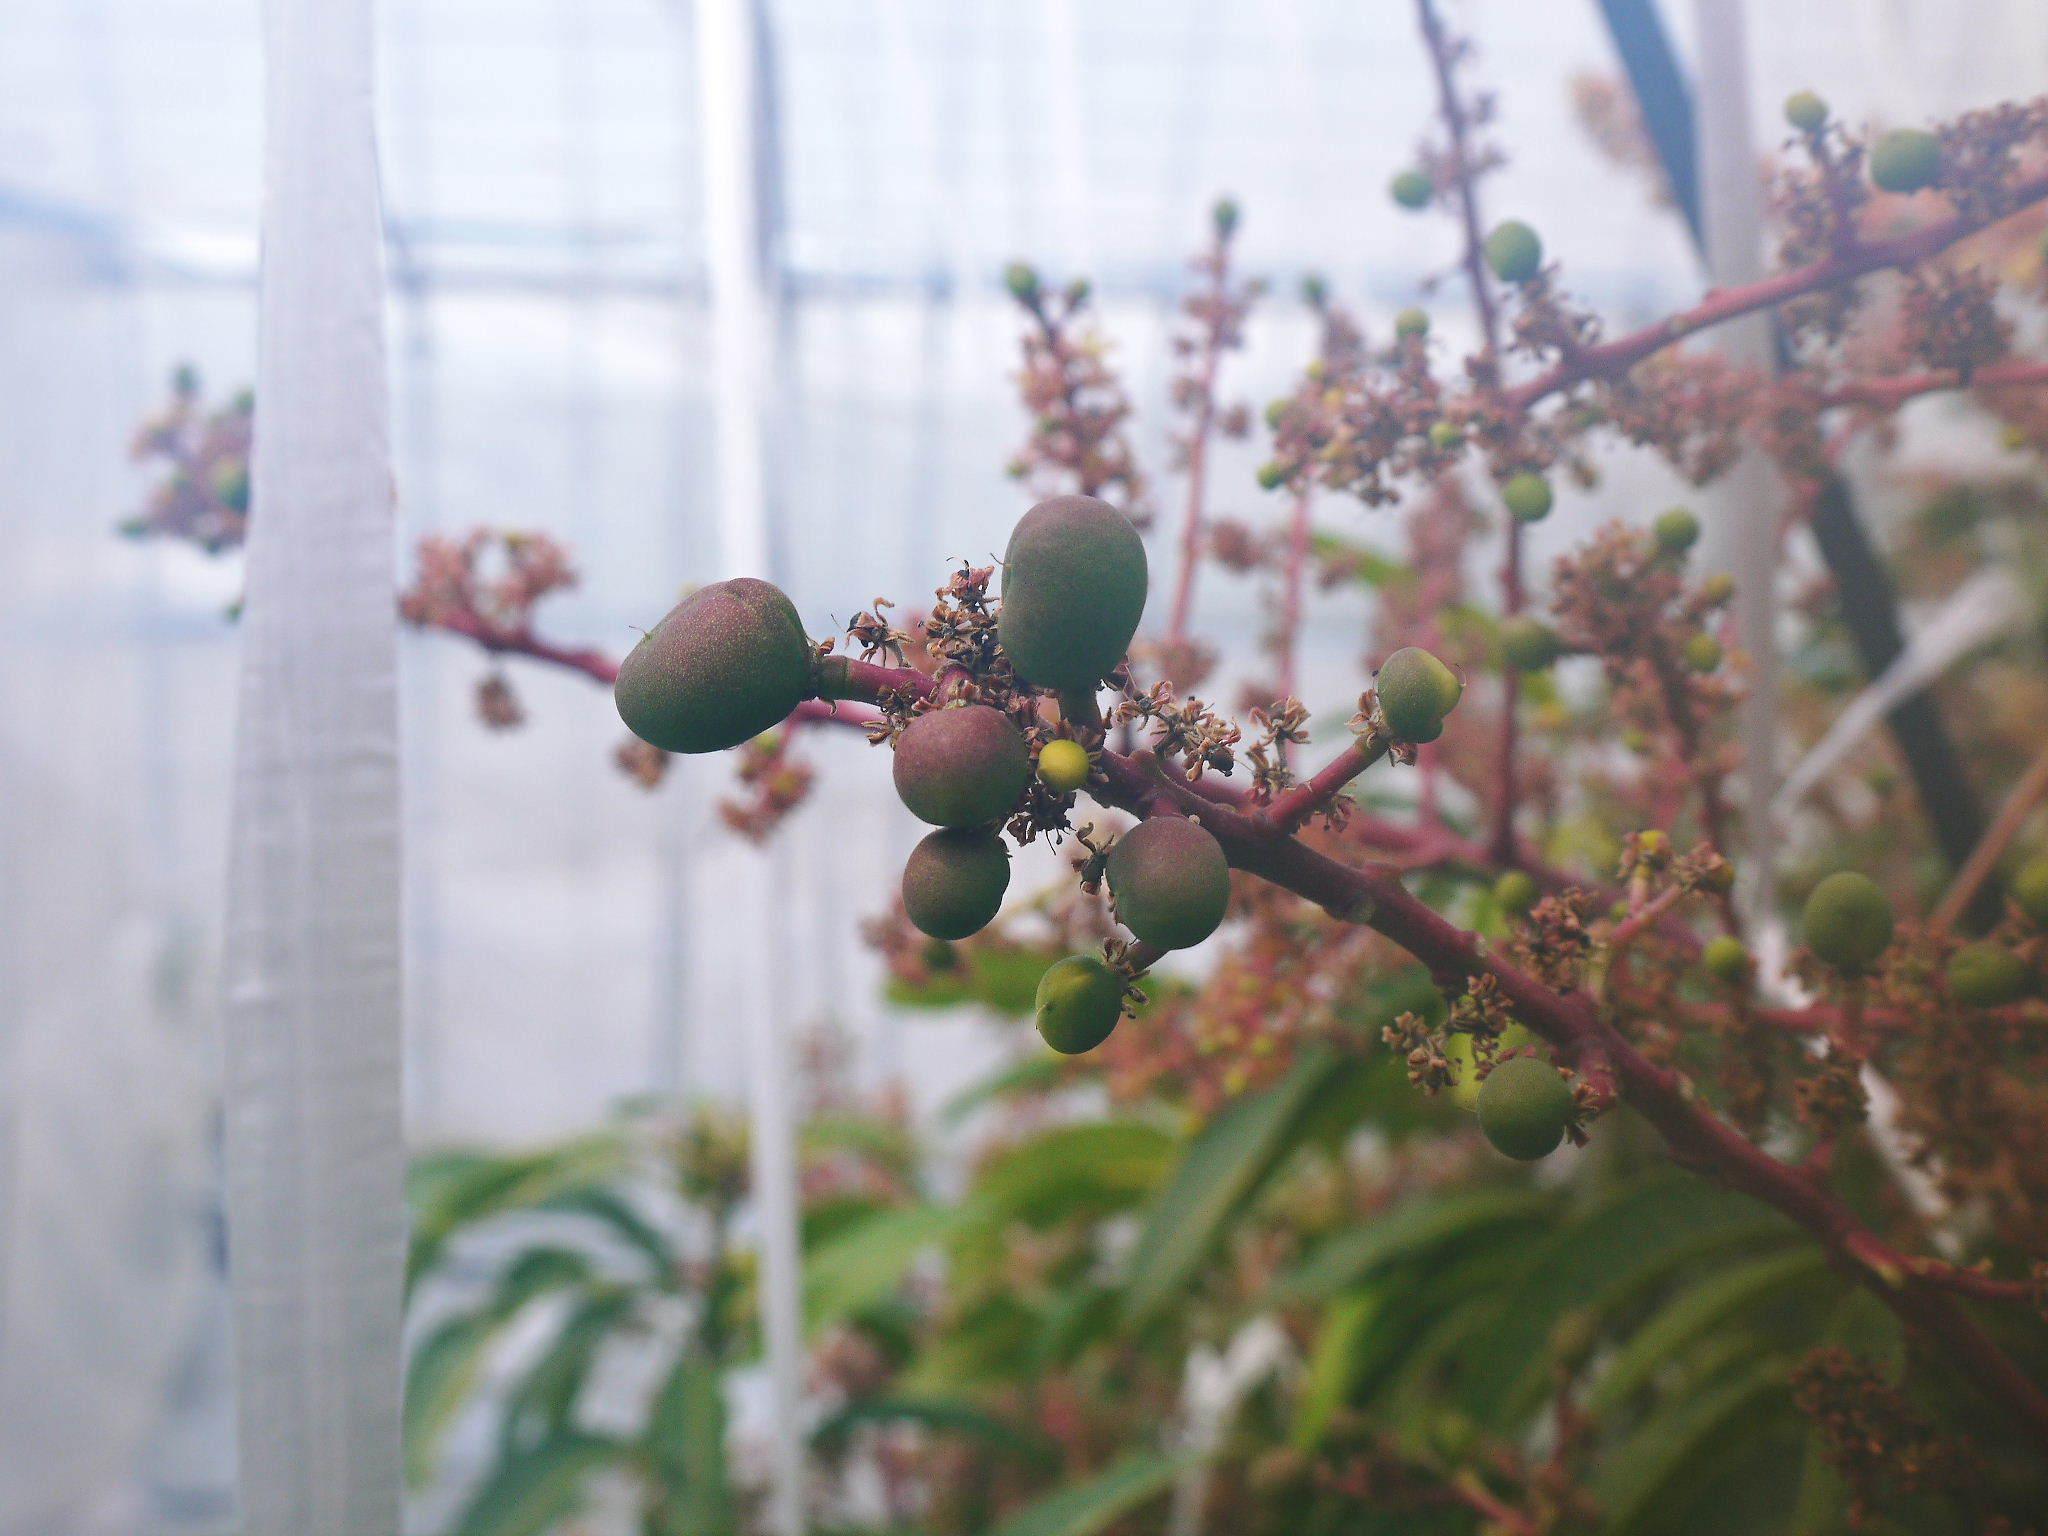 完熟アップルマンゴー 着果の様子を現地取材! まもなく始まる匠の摘果作業!_a0254656_18270926.jpg